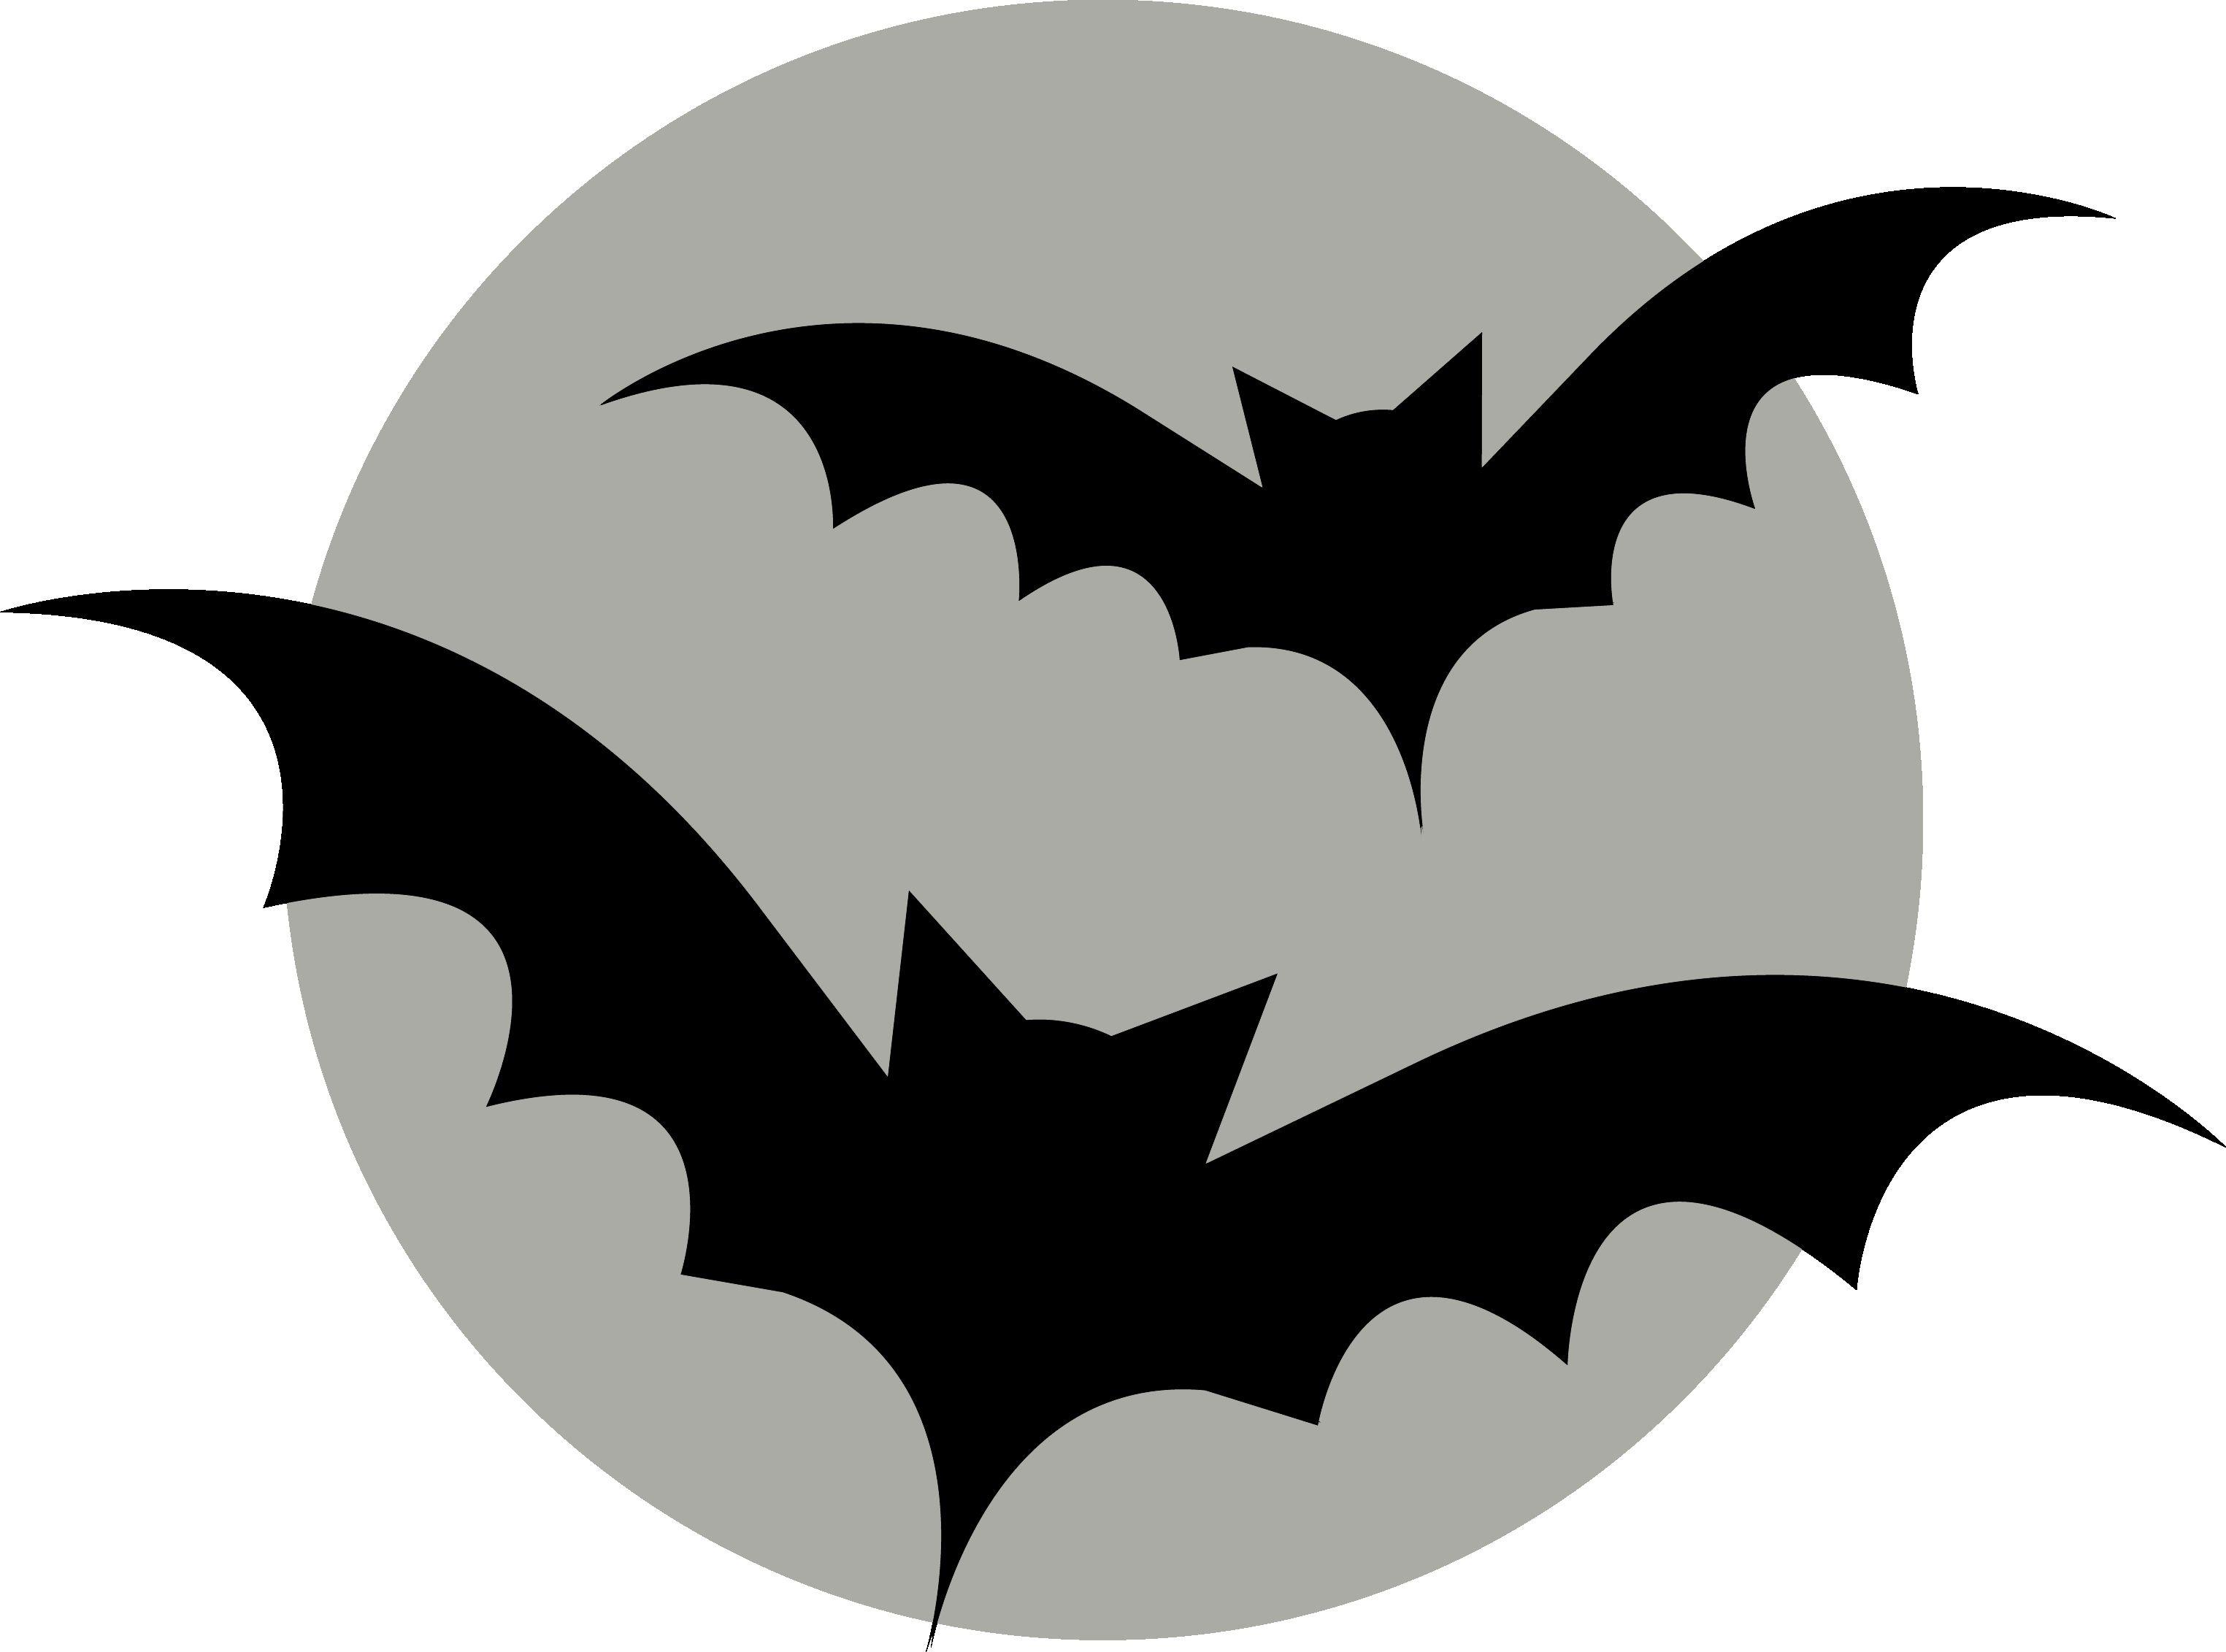 Bats Flying on Moon - Pumpkin Template | Halloween | Pinterest | Bat ...